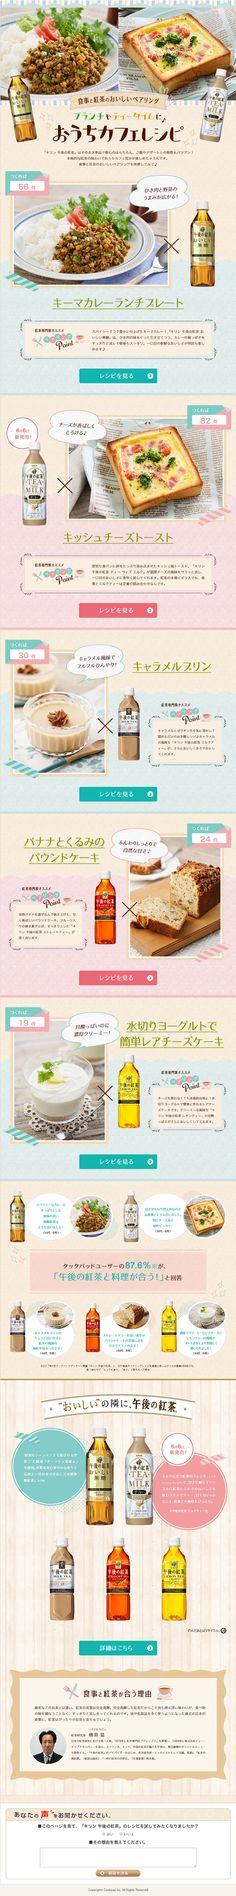 午後の紅茶|WEBデザイナーさん必見!ランディングページのデザイン参考に(かわいい系)